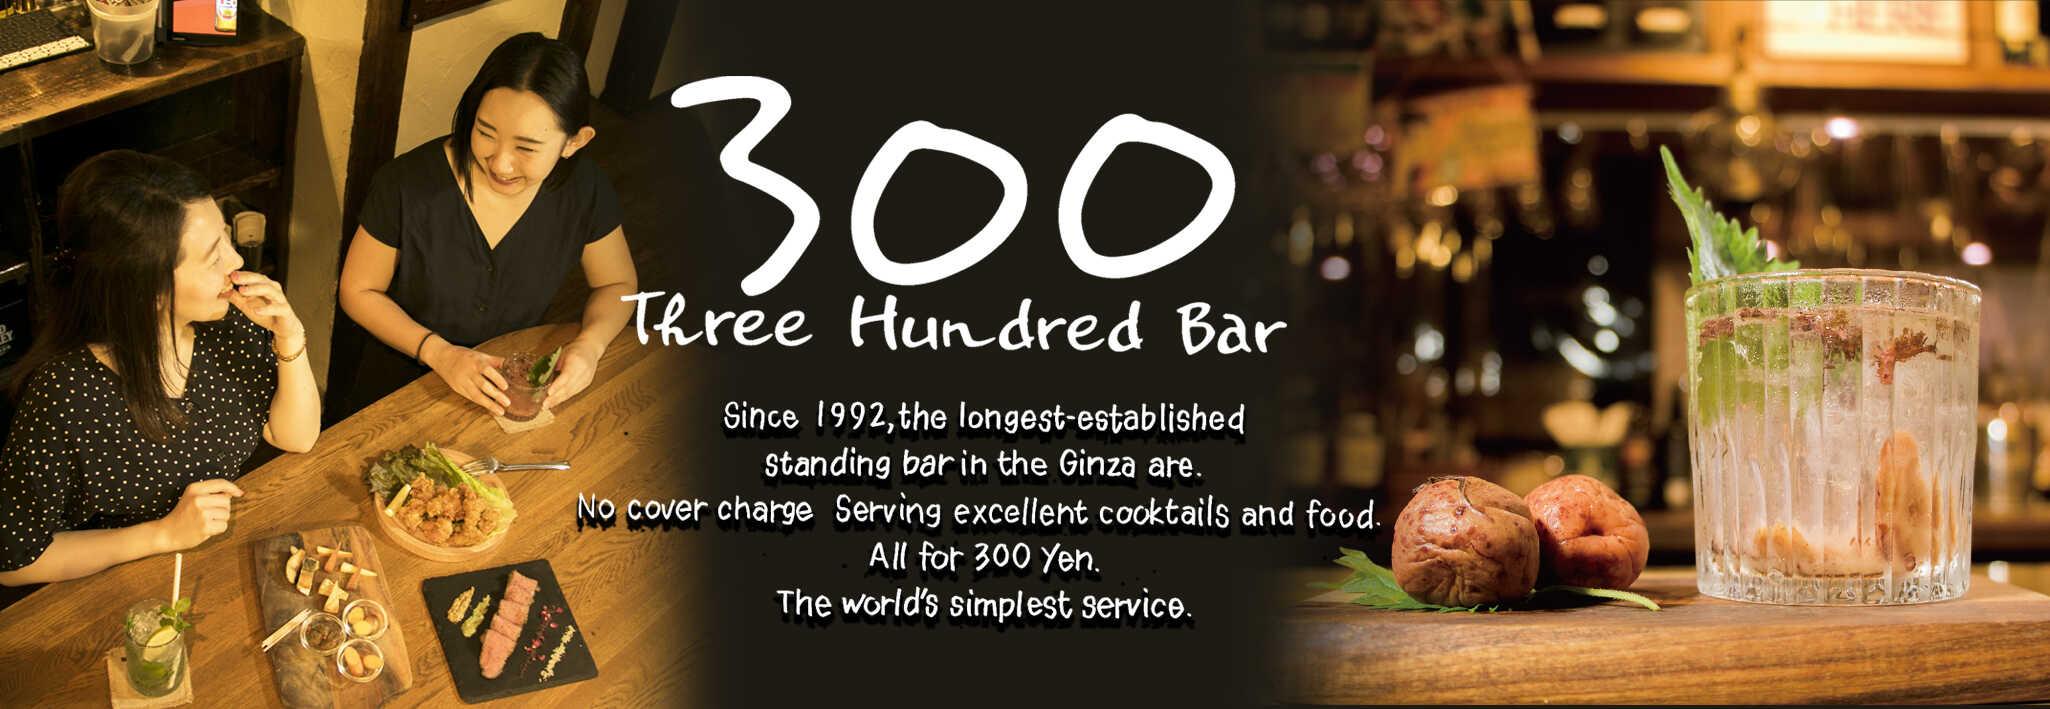 Ginza300BAR,StandingBar,300yenBar